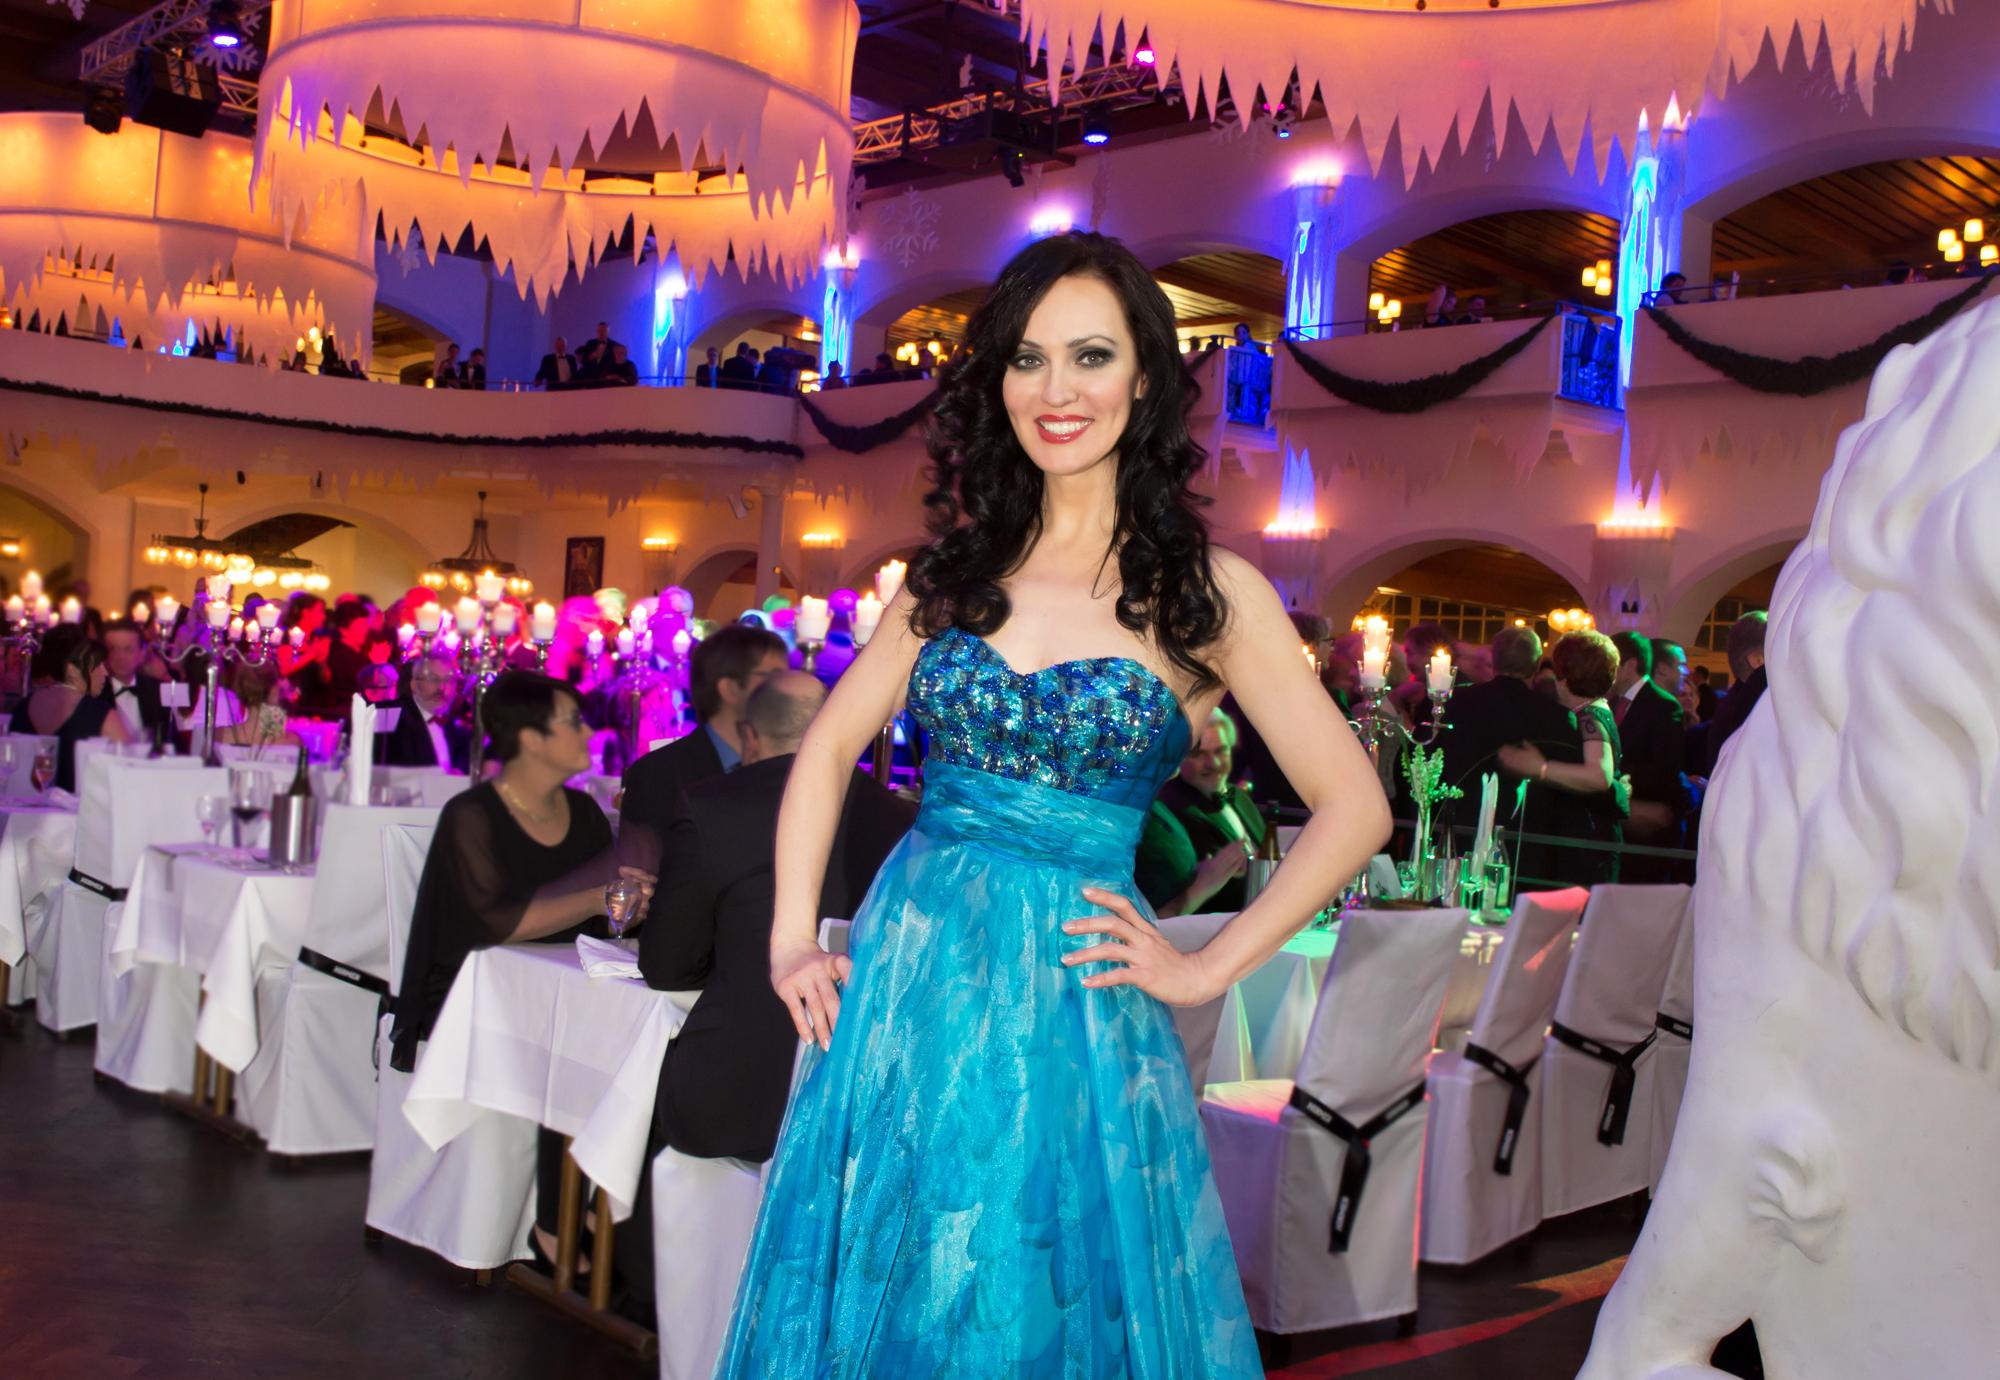 Sängerin Viktoria Lein aus München ist ein Highlight für ihre Veranstaltung. Sie hat eine große Erfahrung bei Firmenevents, Firmenfeiern, Galas, Partys, Jubiläum, Messen, Weihnachtsfeier, Silvesterfeier, Geburtstagsparty, Firmenjubiläum.